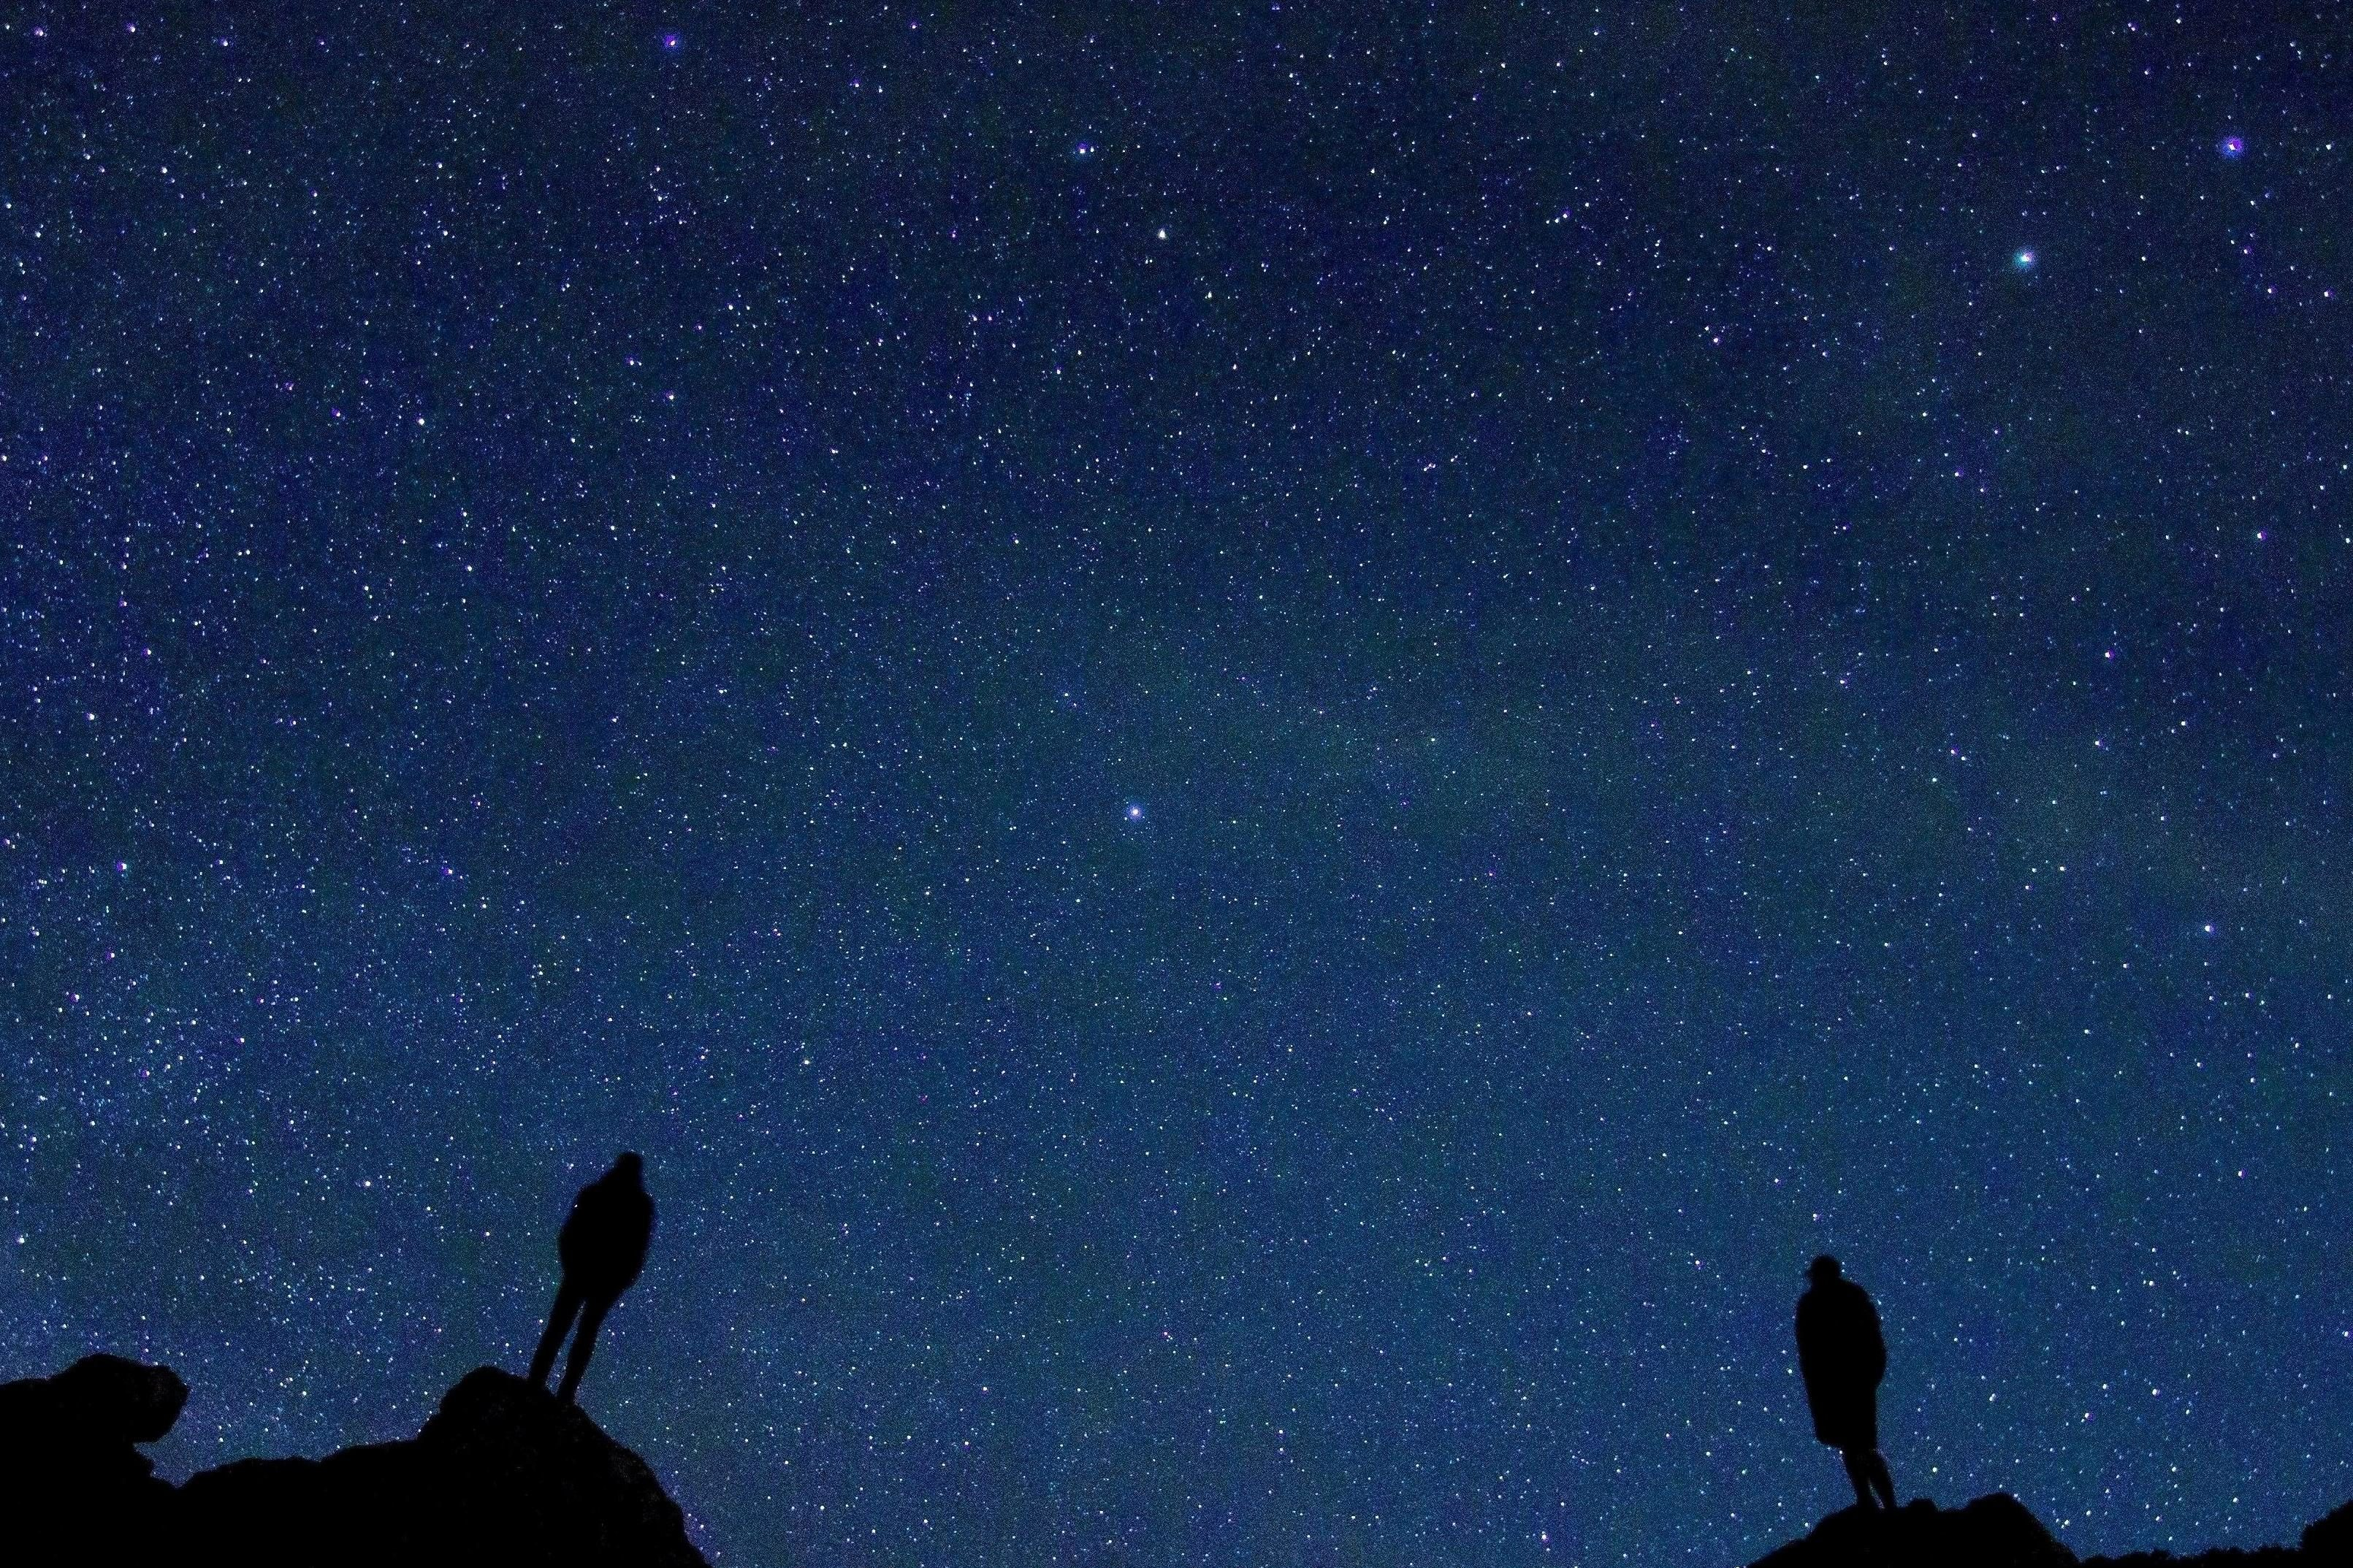 Картинки одинокая звезда в небе